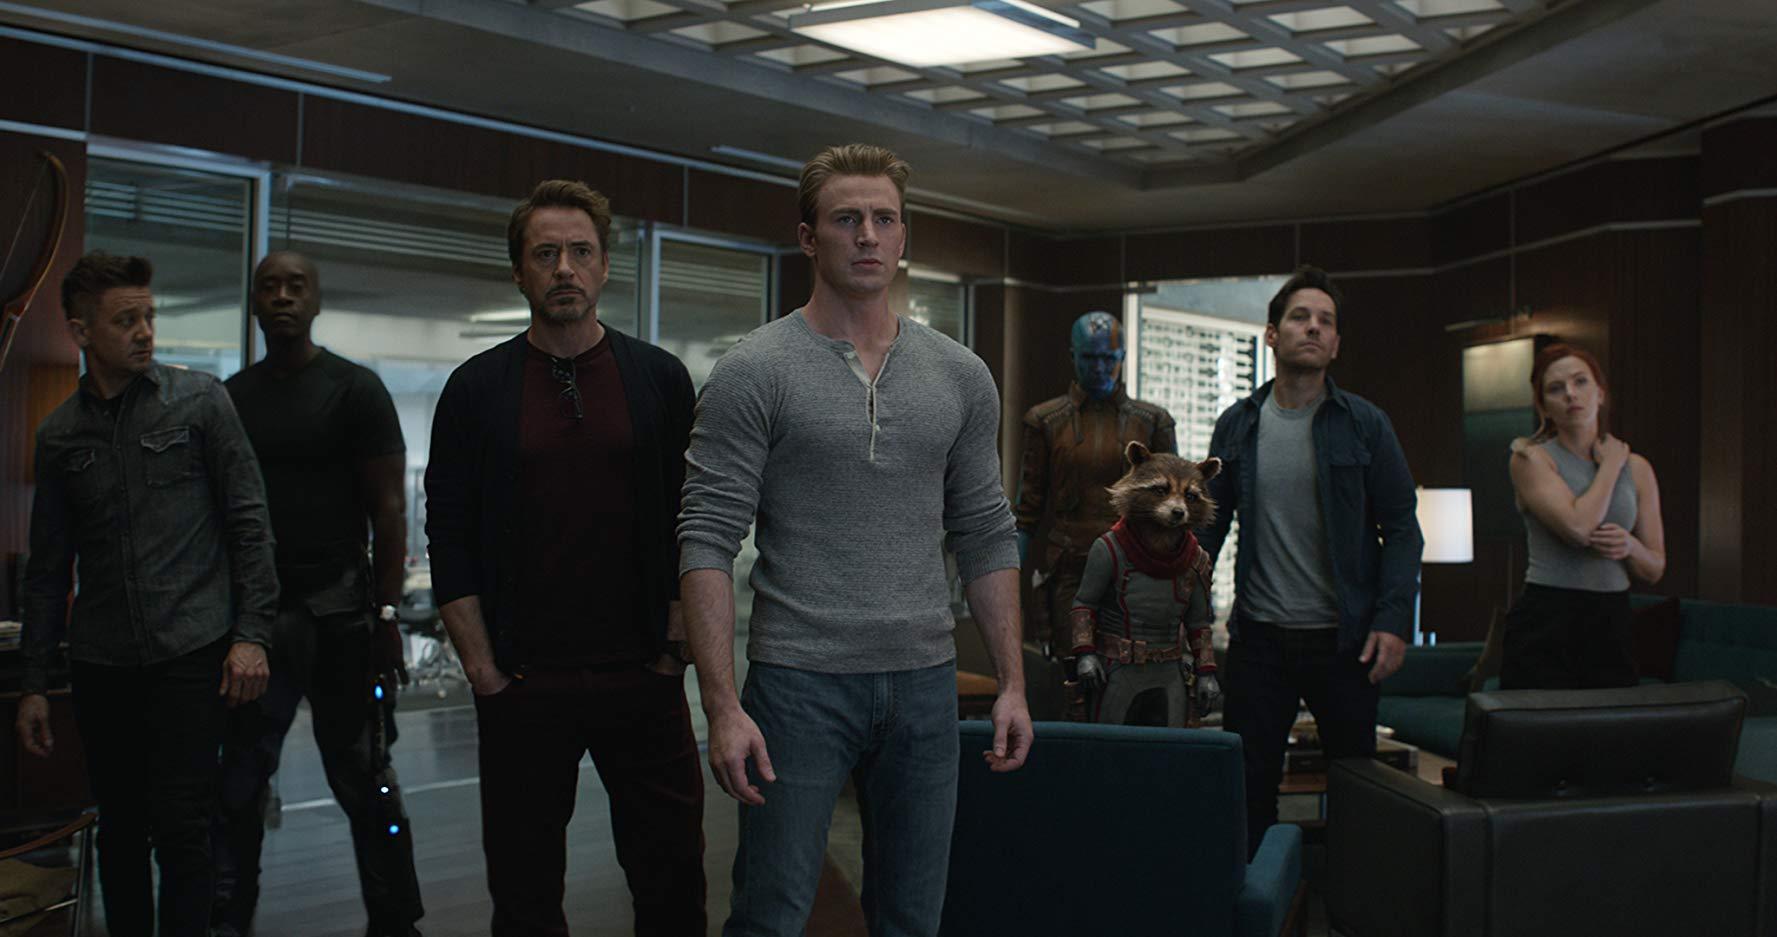 Lance Mannion: Avengers Assemble